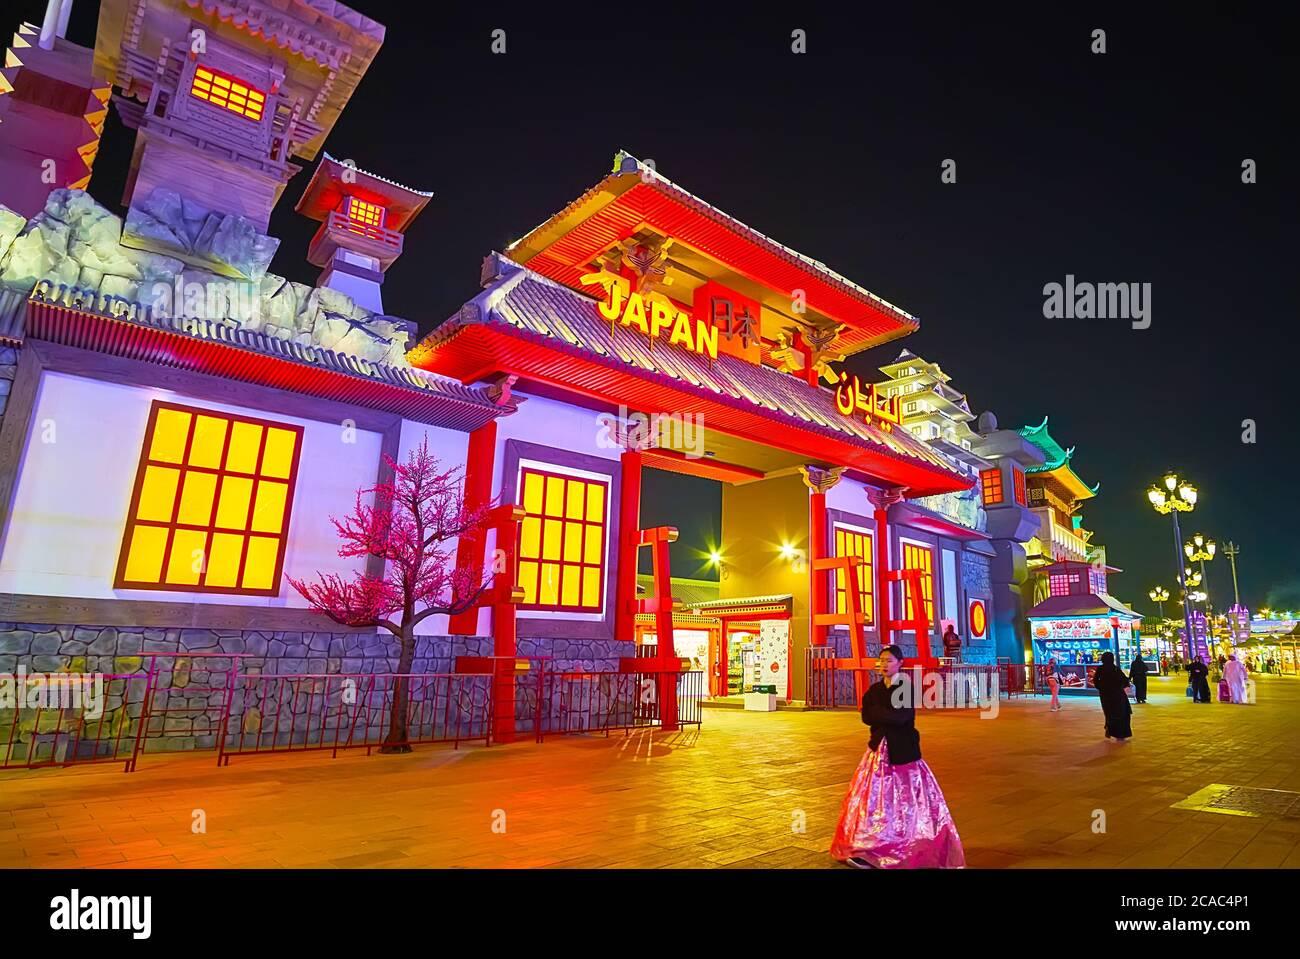 DUBAI, EAU - 5 DE MARZO de 2020: La fachada escénica de Japón Pabellón de Global Village Dubai con techo de dos vertientes, columnas y soportes de madera, paredes de piedra Foto de stock